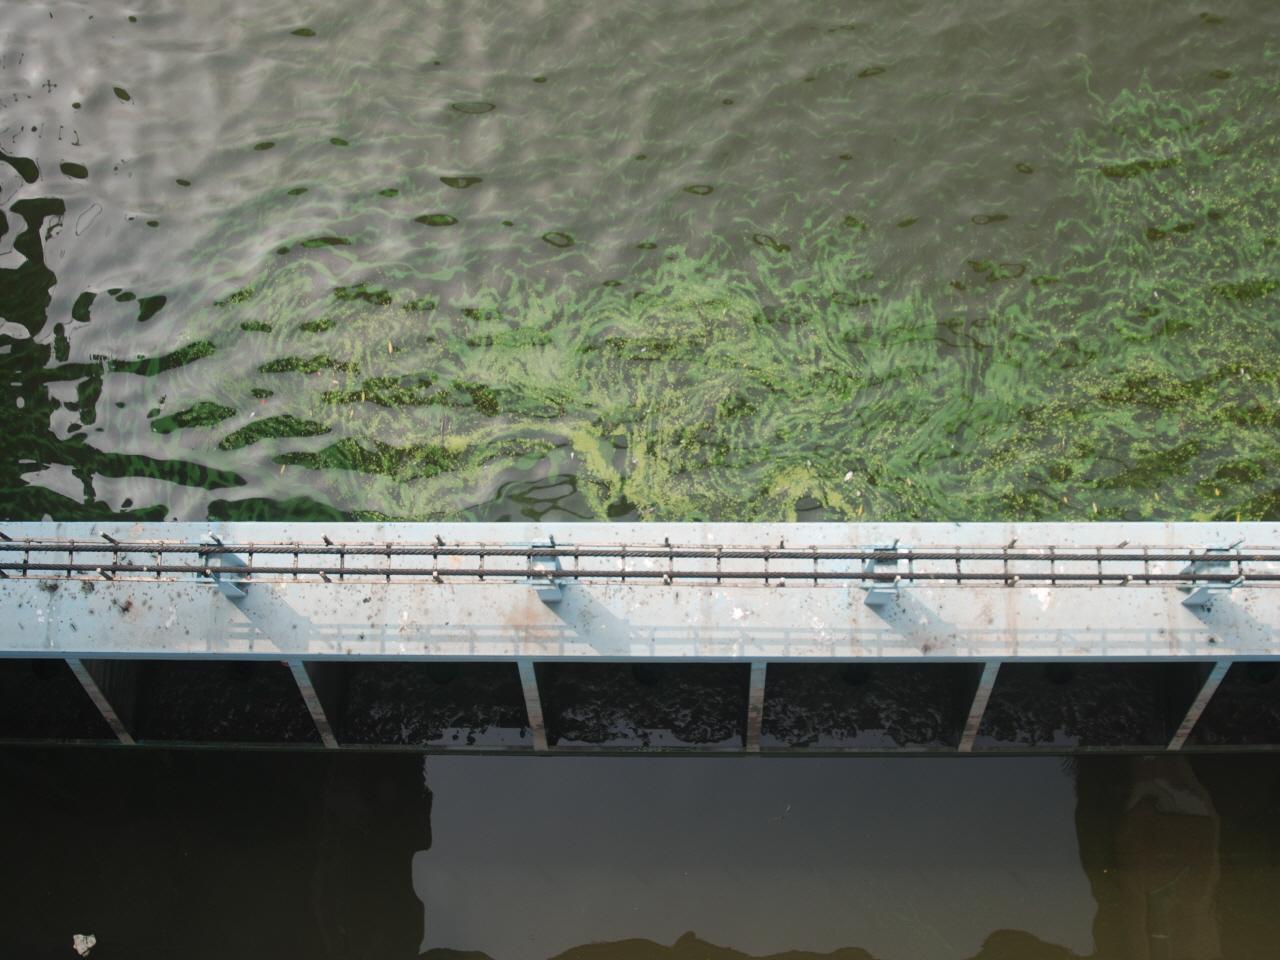 신곡수중보 가동보 위에서 본 모습 2015년 7월 14일 한강에 녹조가 창궐할 때, 신곡수중보 가동보 위에서 찍은 녹조 사진이다. 신곡보 하류엔 녹조가 없다.